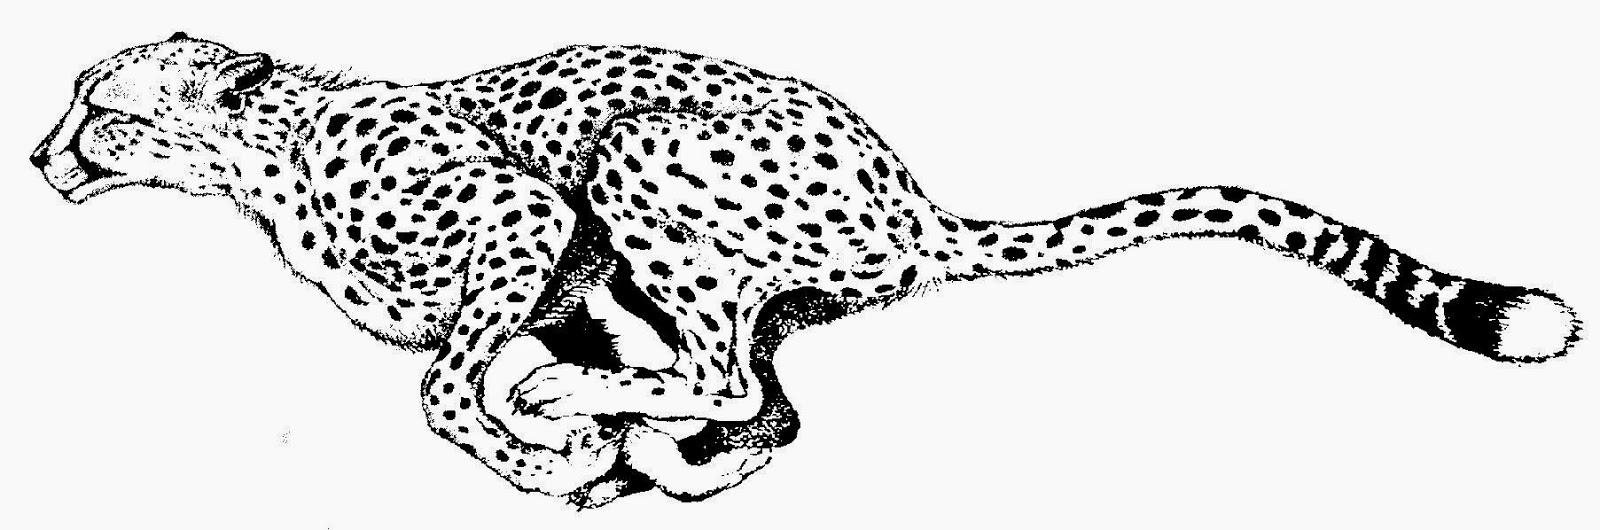 Cheetah print black and white clipart jpg black and white stock Cheetah print black and white clipart kid - Clipartix jpg black and white stock